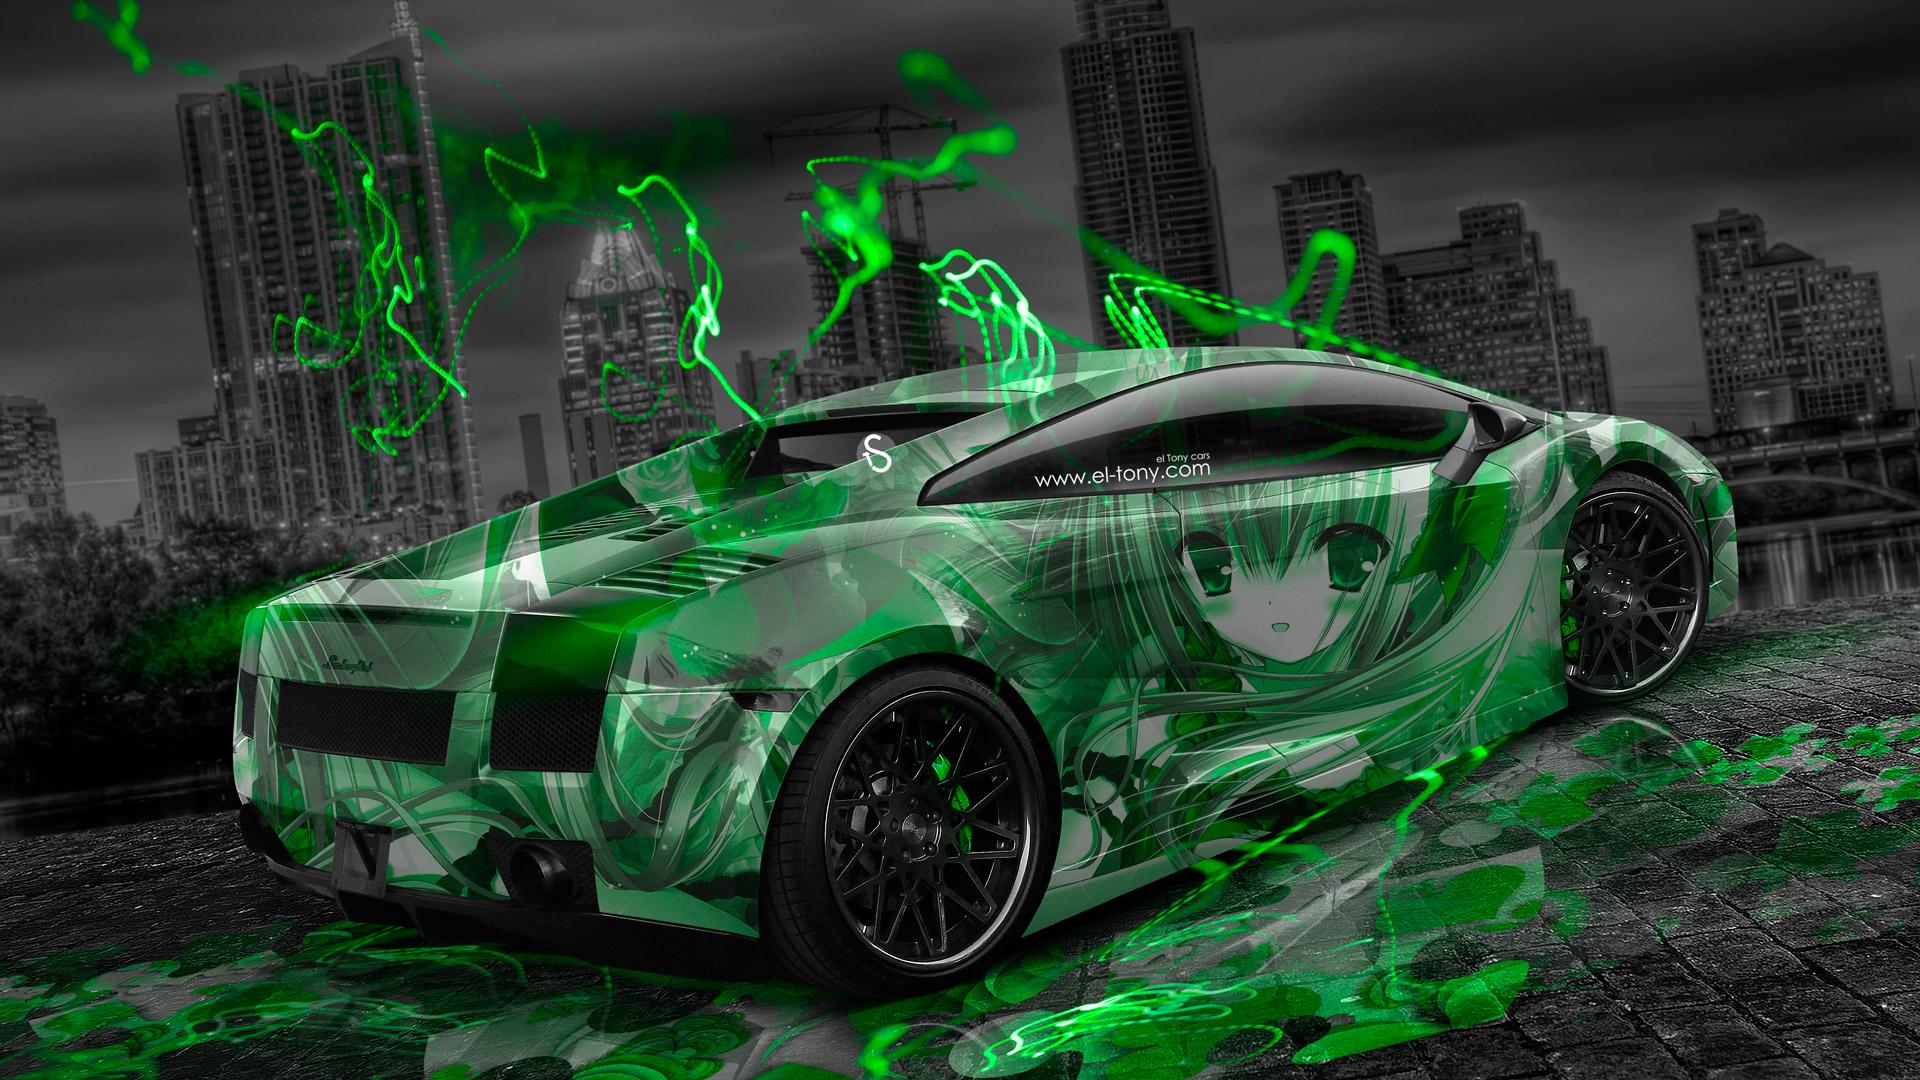 Green And Black Lamborghini 20 Desktop Wallpaper ...